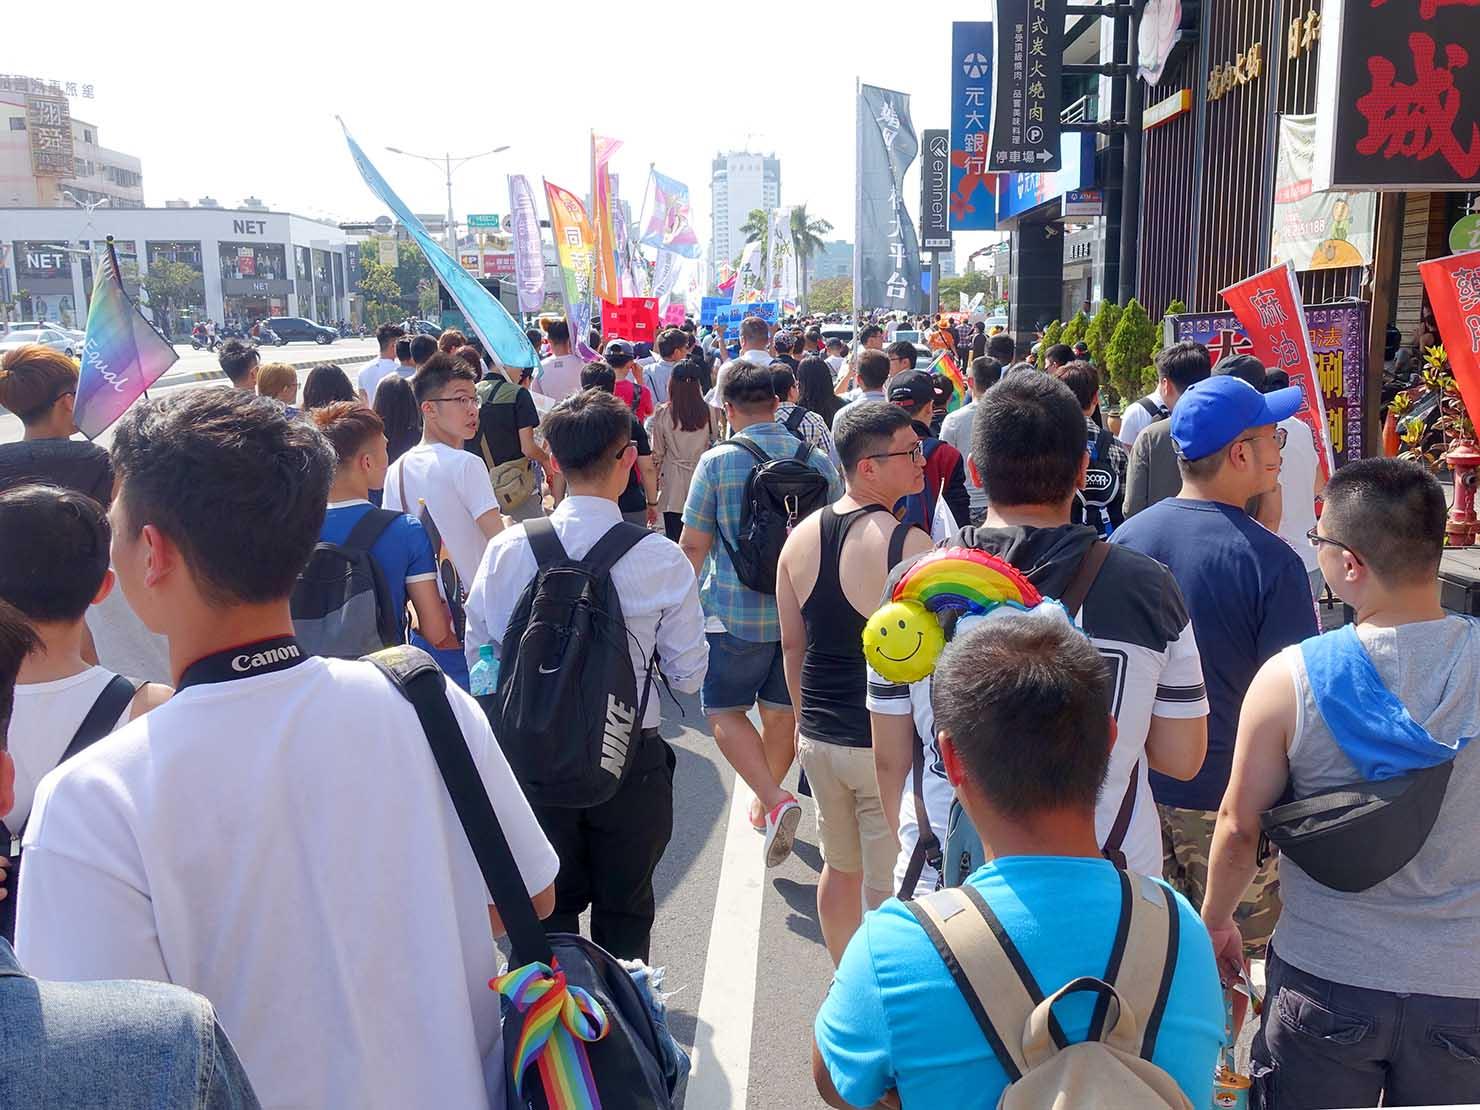 2018年台湾最初のLGBTプライド「台南彩虹遊行(台南レインボーパレード)」1万人のパレード隊列(背面)